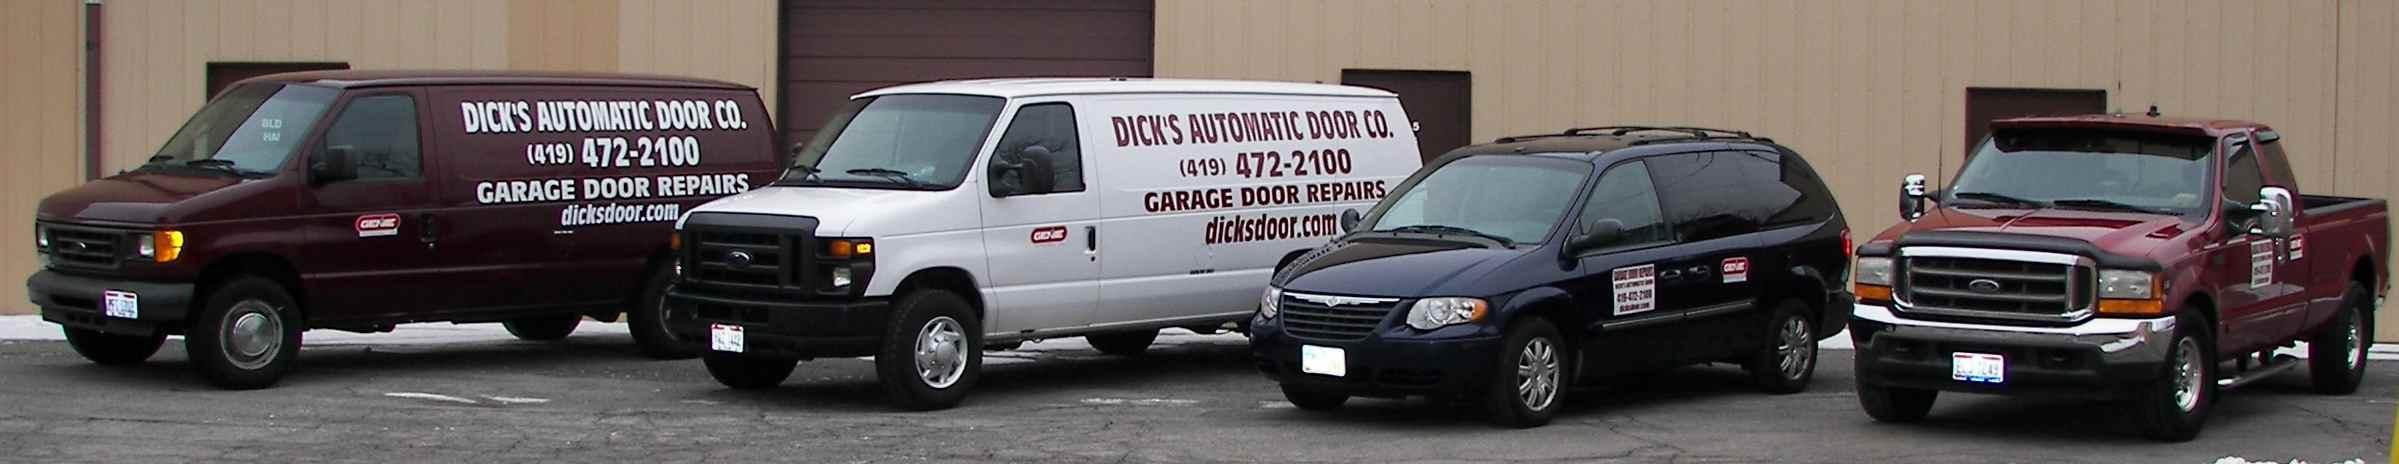 Dicksautomaticdoorcompanywebsite